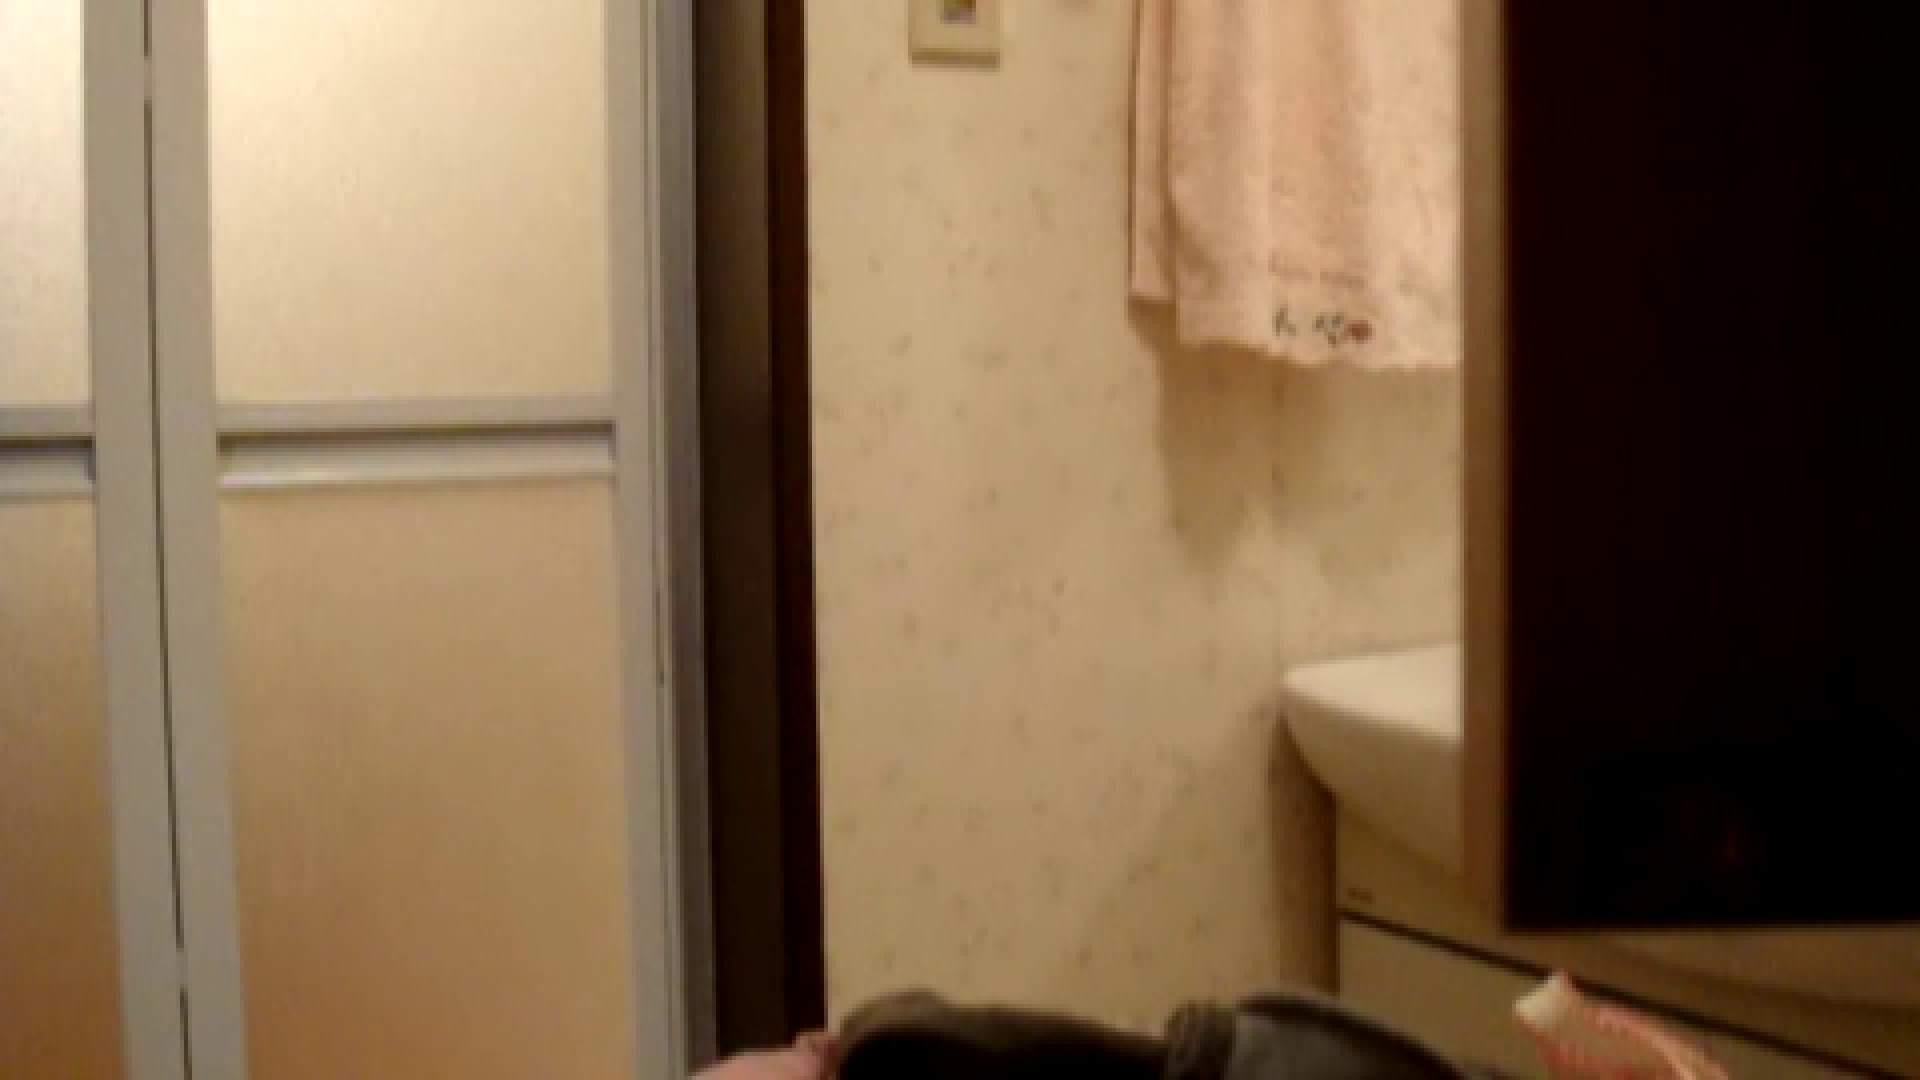 二人とも育てた甲斐がありました… vol.08 まどかの入浴中にカメラに気付いたか!? OLのエロ生活  71連発 54